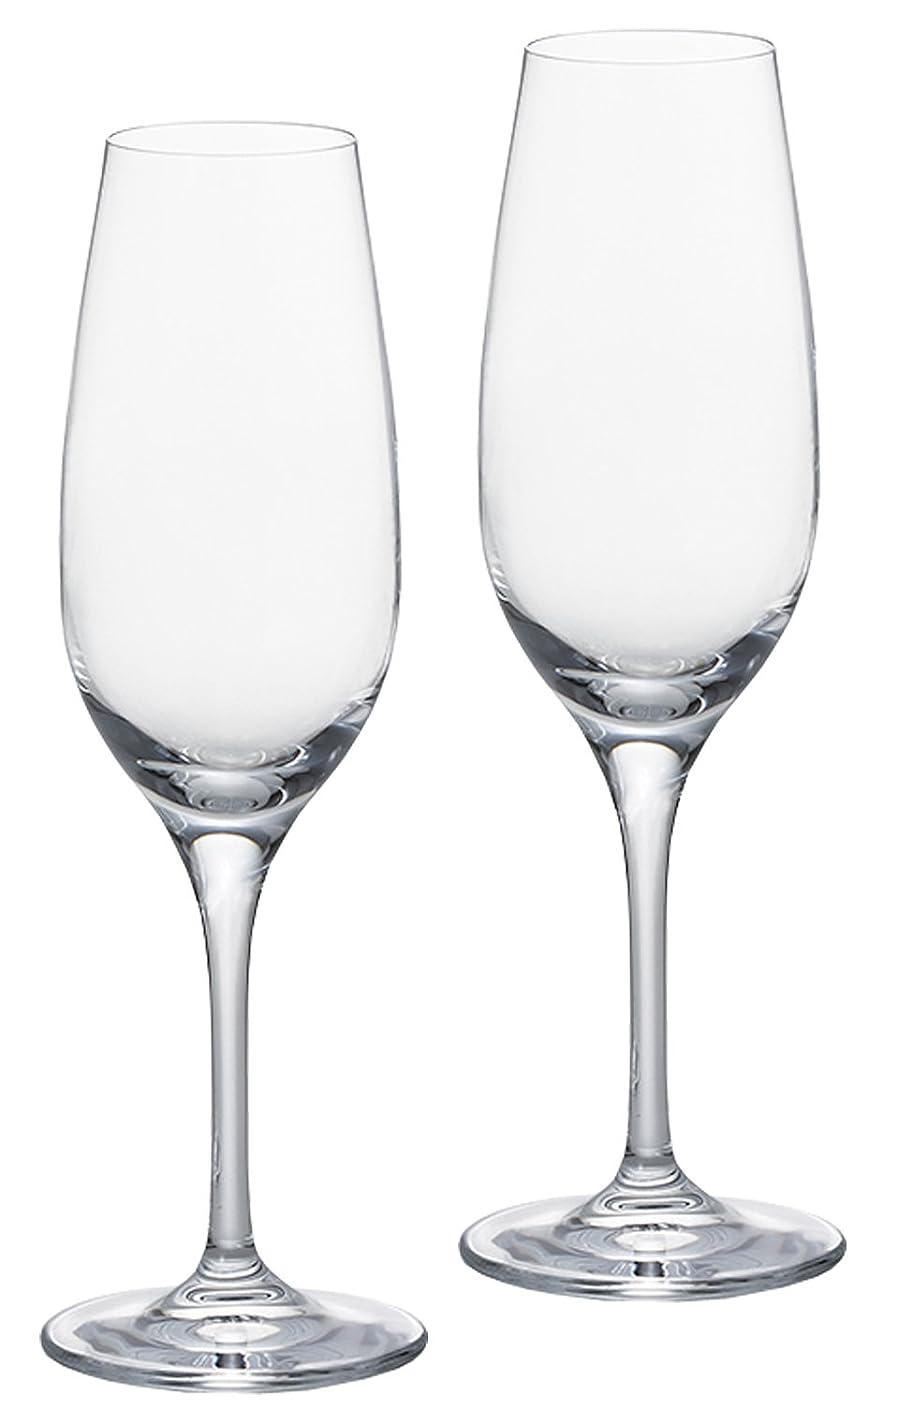 クーポン学習チェスをするアデリア シャンパングラス 180ml シャンパン ペアセット クリスタルガラス製JS-379